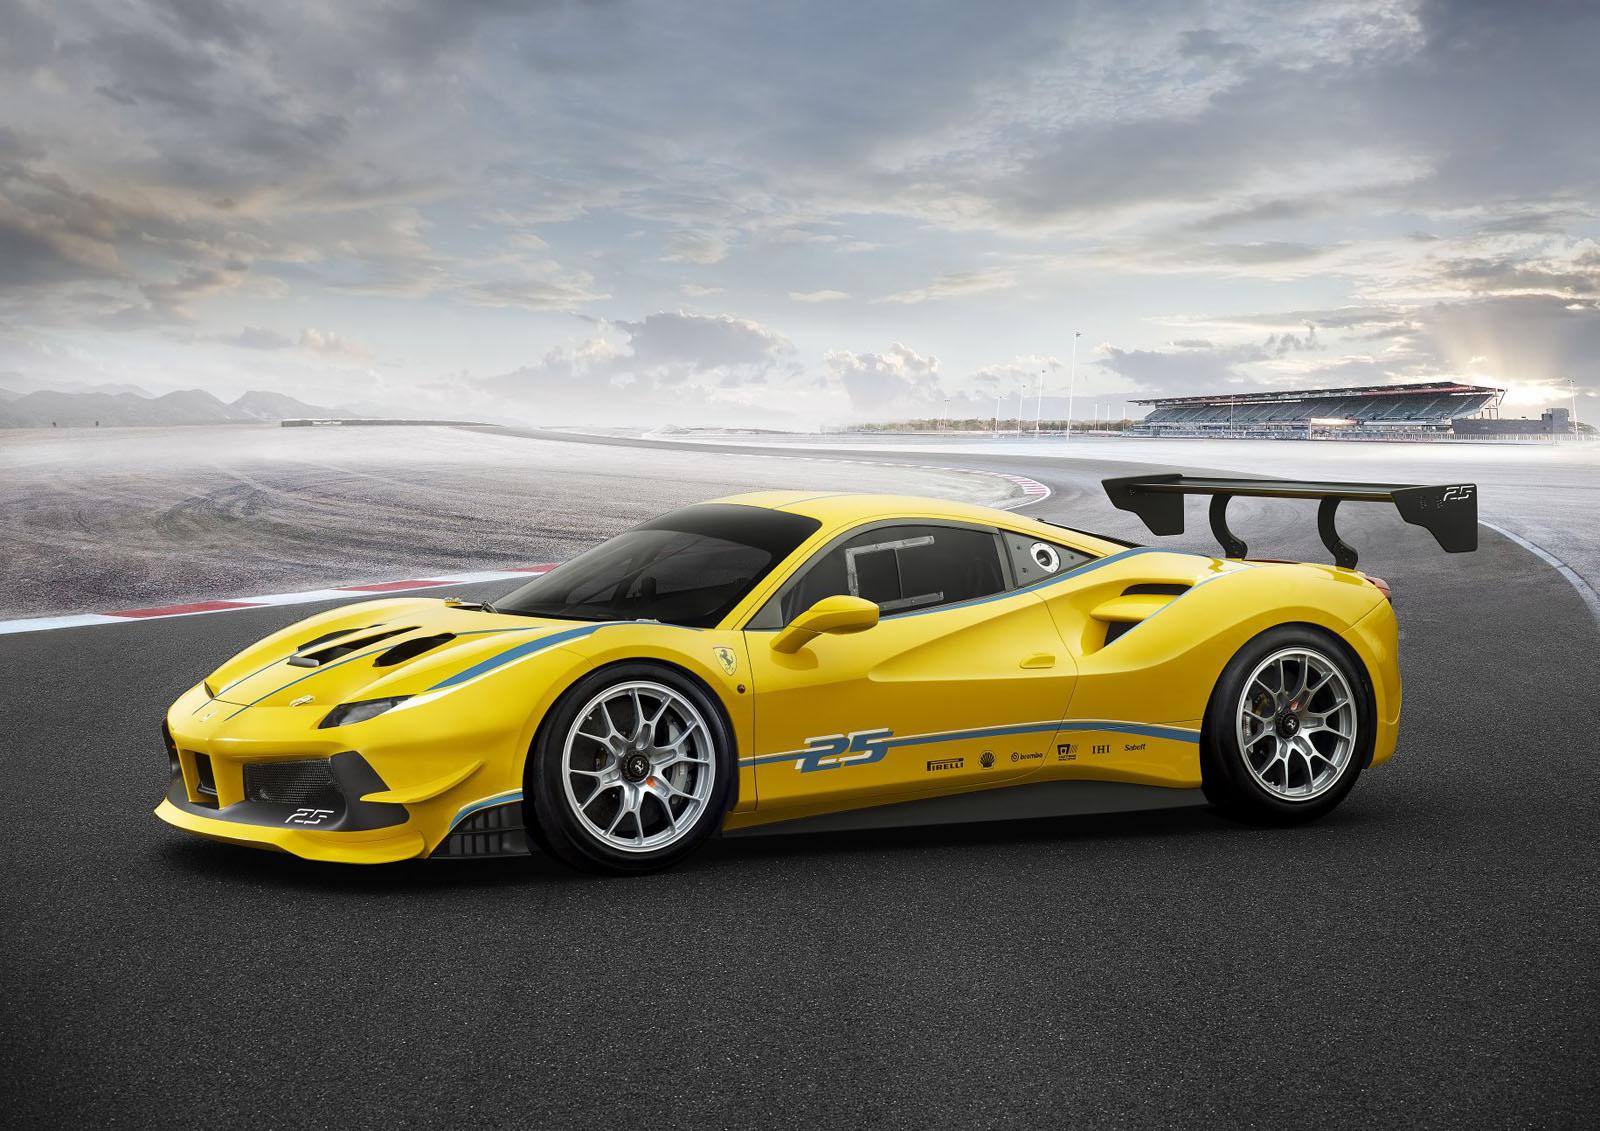 2018 - [Ferrari] 488 Pista - Page 6 Cytj0TwWQAA6bOu.jpg_large